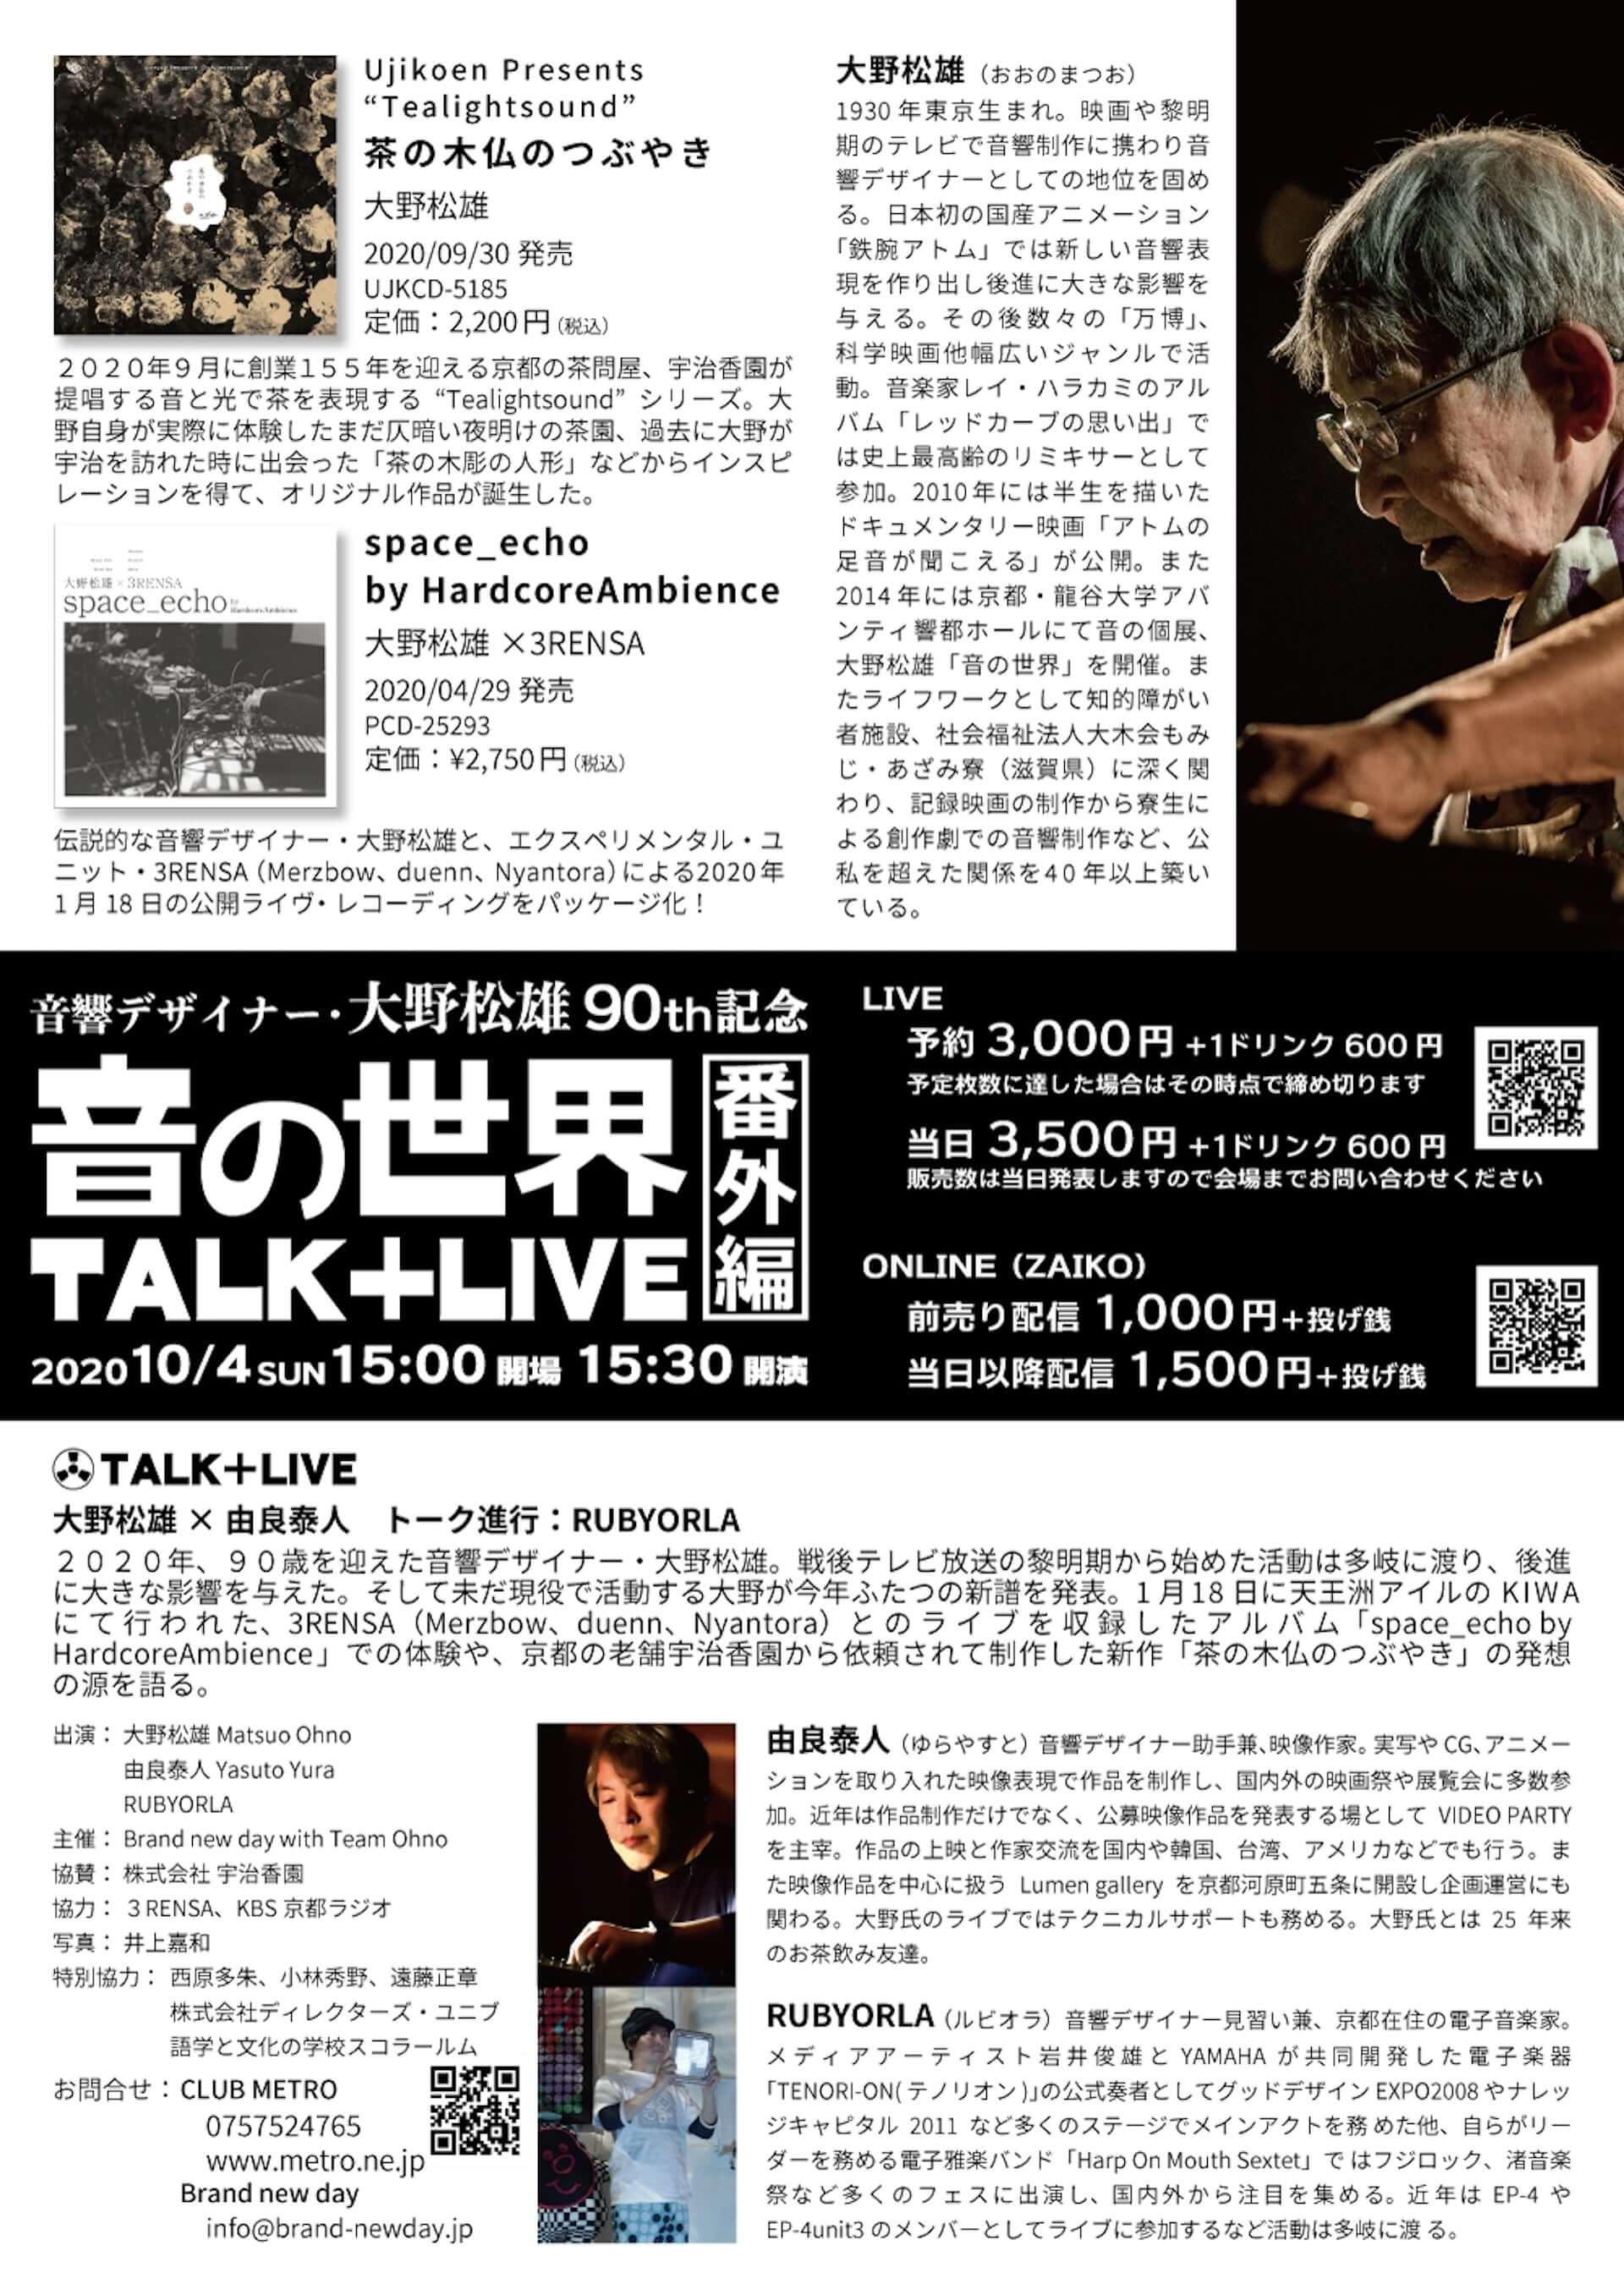 大野松雄の90歳記念イベント<音の世界—番外編—>が京都メトロで開催決定!由良泰人、RUBYORLAを迎えて生配信 music200911_matsuo-ohno_3-1920x2713